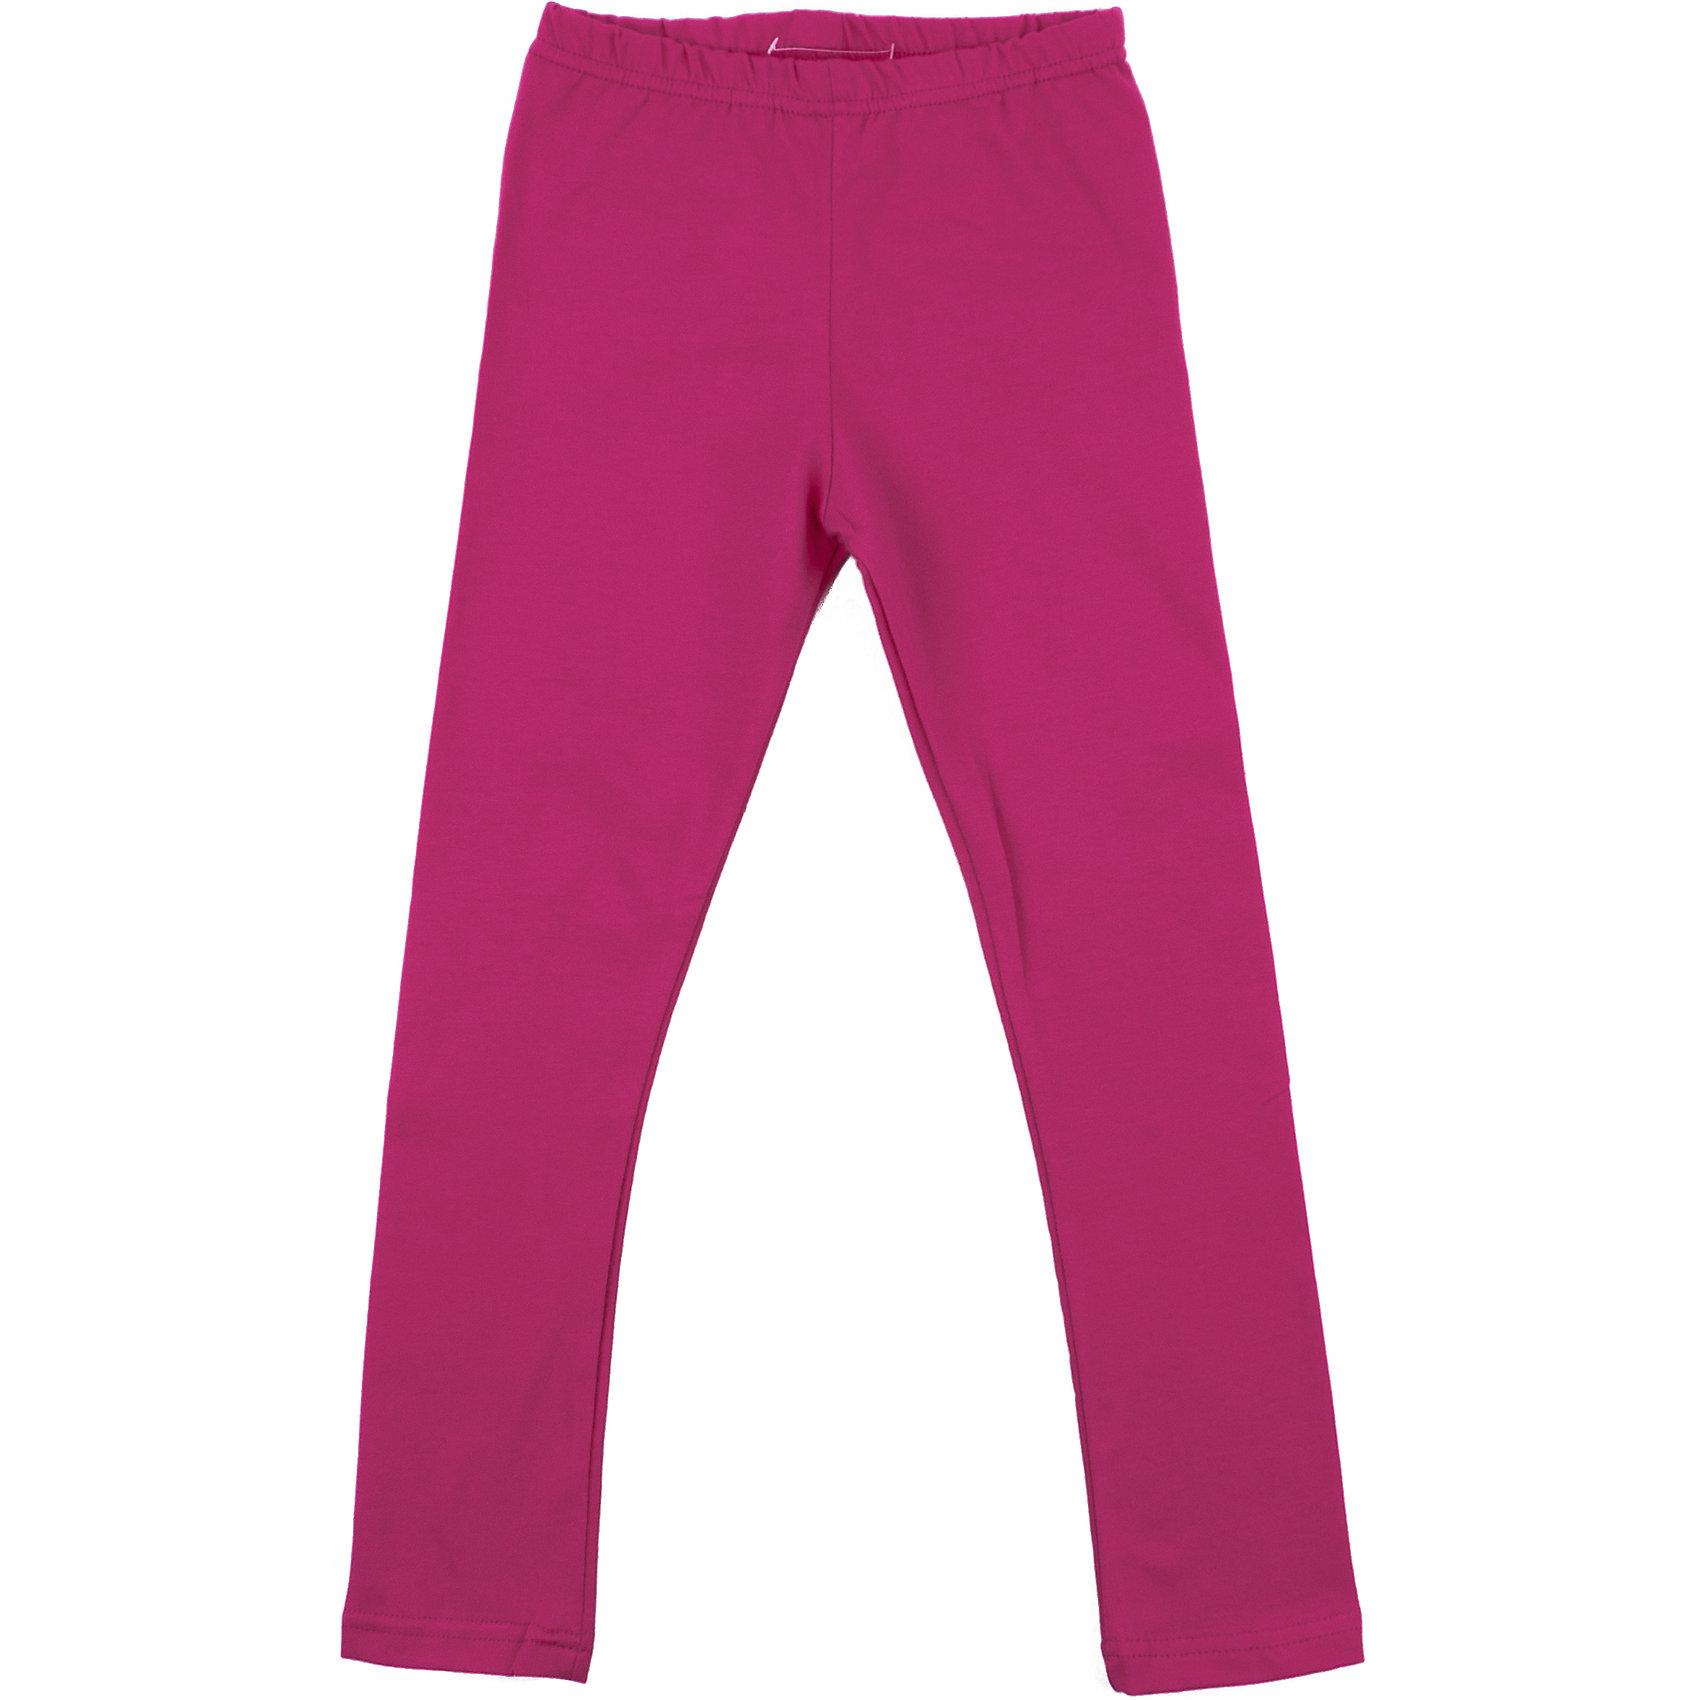 Леггинсы для девочки АпрельЯркие и стильные розовые леггинсы для девочки от торговой марки Апрель. Модель из хлопка с добавлением лайкры, обеспечивает комфортную температуру и максимальную свободу движения. Такой материал идеален для ношения в летнюю пору или в теплом помещении - он дает телу ребенка дышать и хорошо облегая тело. Леггинсы из кулира очень легкие и не стесняют движений при активных играх, их резинка не передавливает животик девочки. Модель прекрасно сочетается с удлиненными футболками, туниками или платьями.<br><br>Дополнительная информация: <br><br>- цвет: малиновый<br>- состав: хлопок 95%,лайкра 5%<br>- параметры брючин: ширина брючин - низ: 13 см; высота посадки: 13.5 см; длина по внутреннему шву: 28.5 см<br>- фактура материала: трикотажный<br>- тип посадки: средняя посадка<br>- тип карманов: без карманов<br>- по назначению: повседневный стиль<br>- сезон: круглогодичный<br>- пол: девочки<br>- фирма-производитель: Апрель<br>- страна производитель: Россия<br>- комплектация: леггинсы<br><br>Леггинсы для девочки  торговой марки Апрель можно купить в нашем интернет-магазине.<br><br>Ширина мм: 123<br>Глубина мм: 10<br>Высота мм: 149<br>Вес г: 209<br>Цвет: коралловый<br>Возраст от месяцев: 72<br>Возраст до месяцев: 84<br>Пол: Женский<br>Возраст: Детский<br>Размер: 122,146,116,128,134,140<br>SKU: 4630765